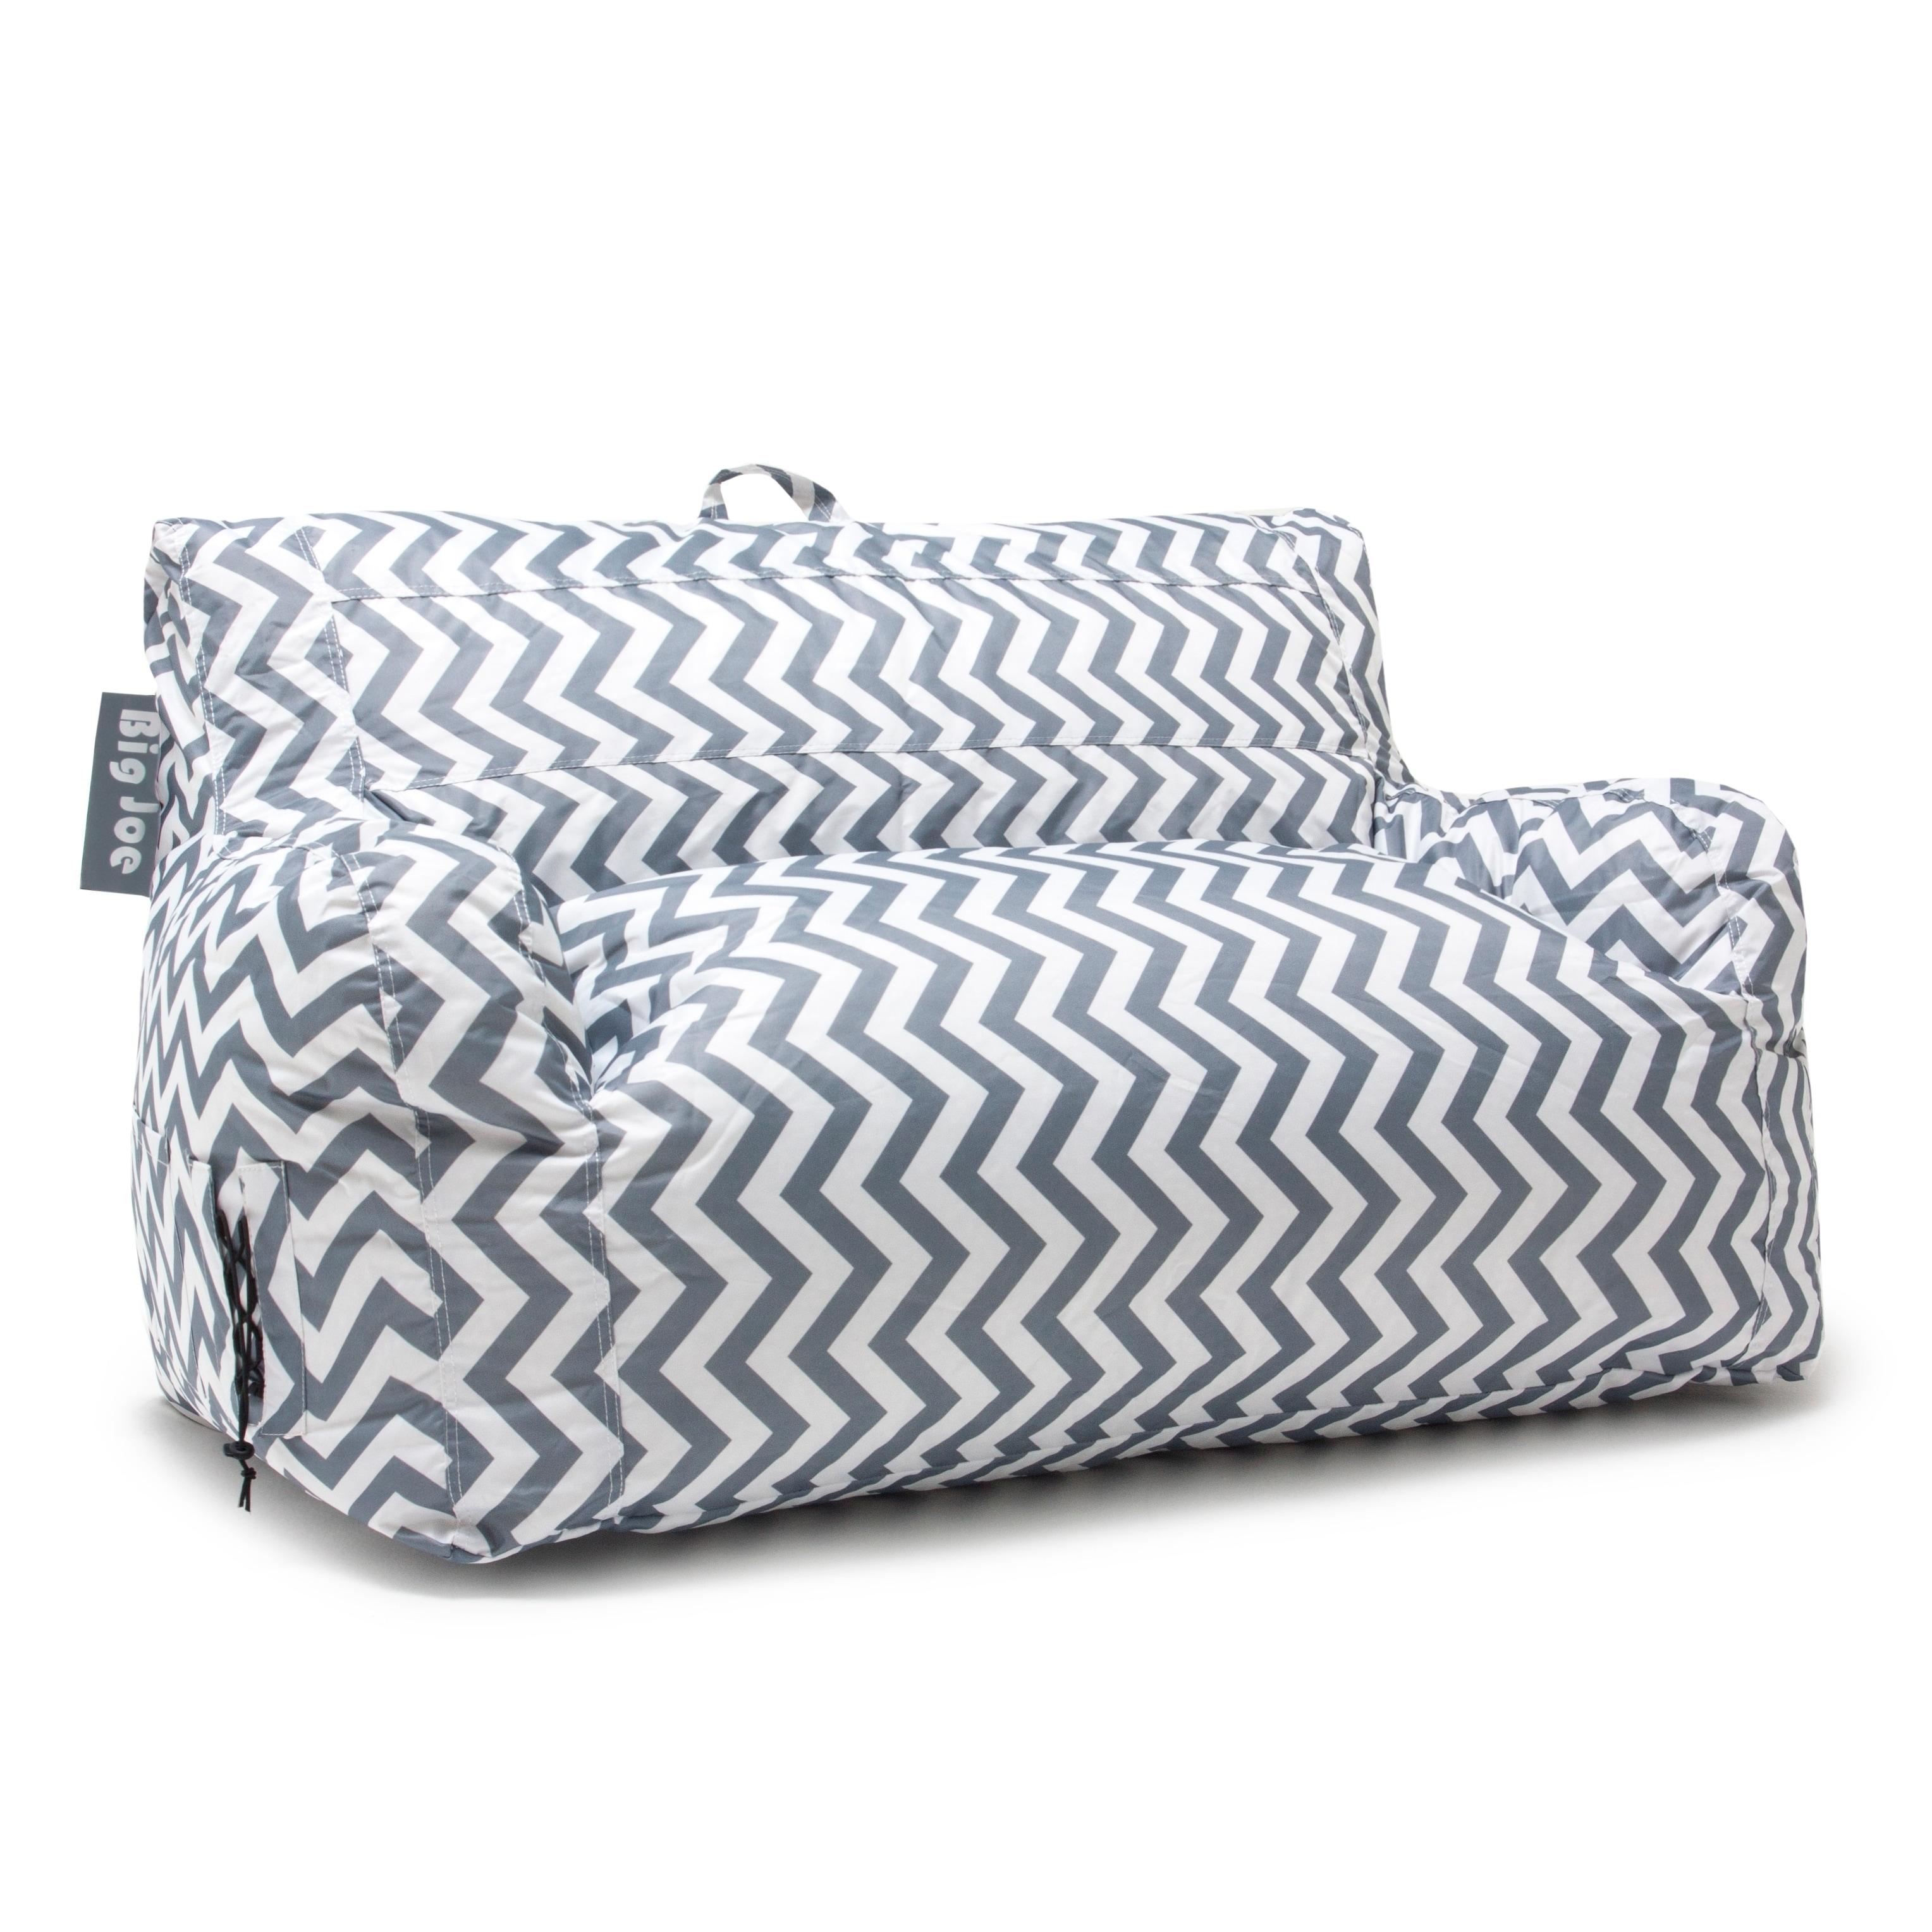 Beau Shop Big Joe College Dorm Sofa Bean Bag   Free Shipping Today    Overstock.com   11526563